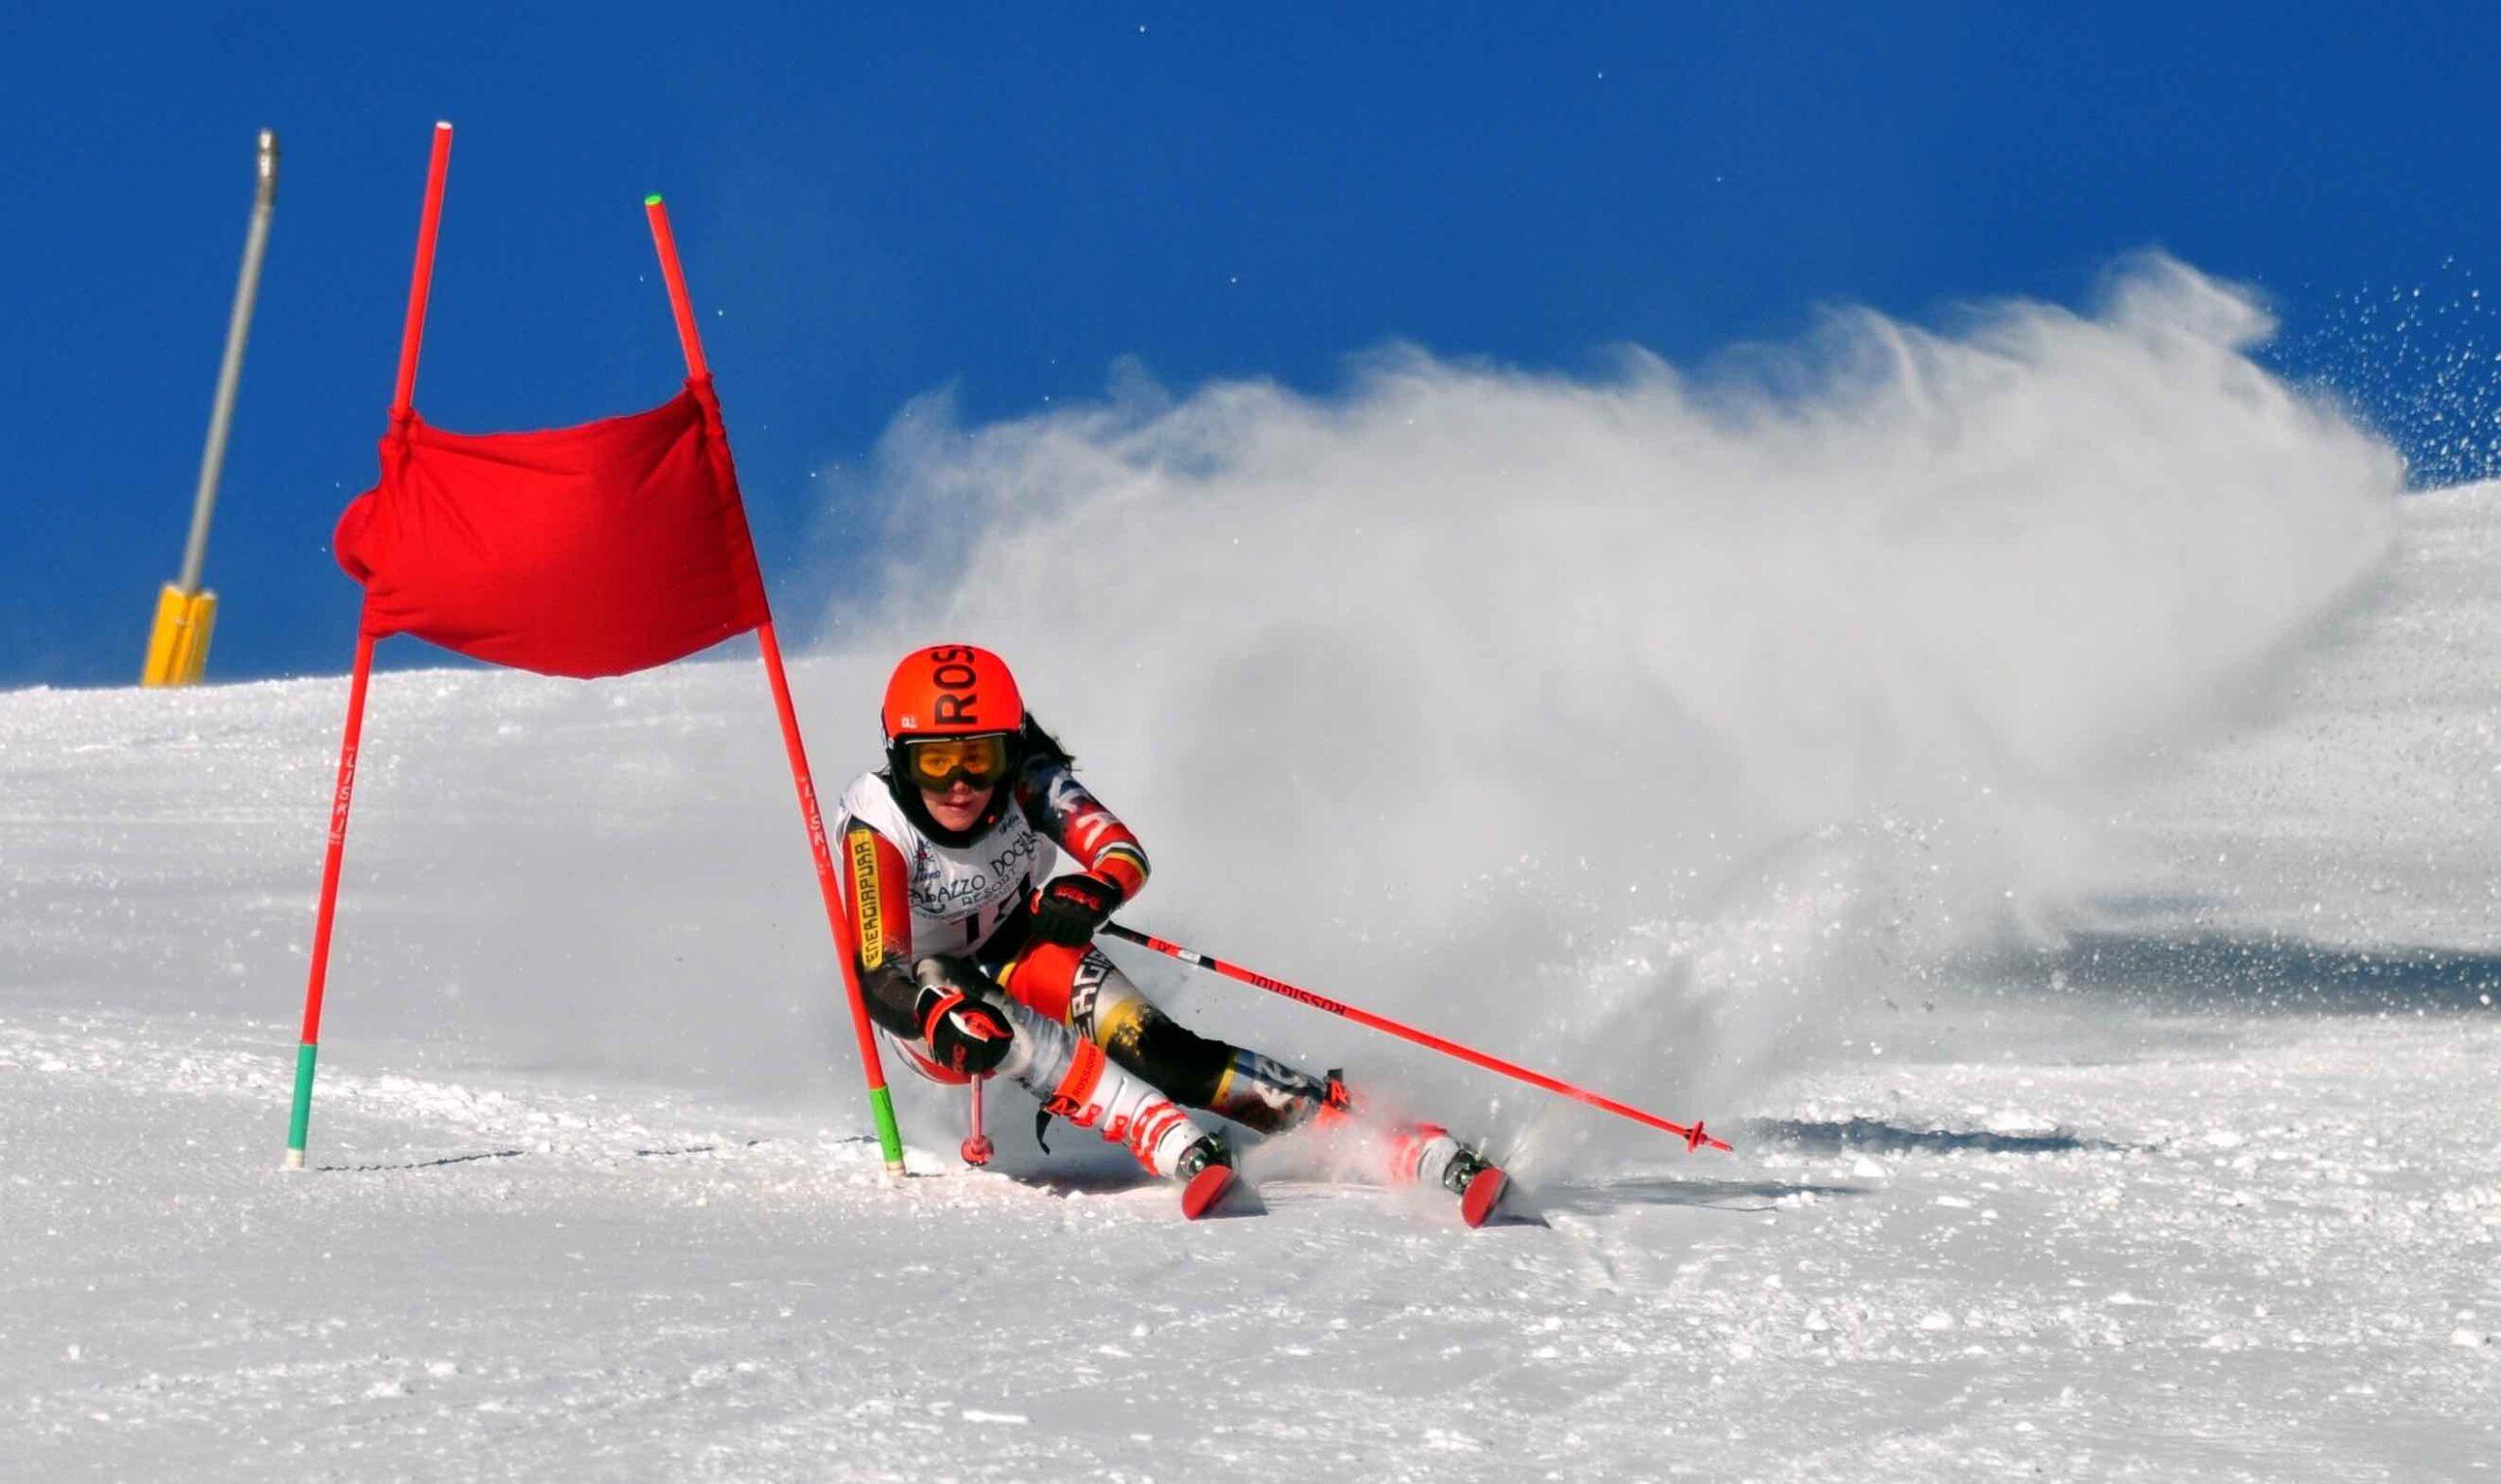 La squadra degli sciatori Children trionfa al Criterium Interappenninico a Ovindoli